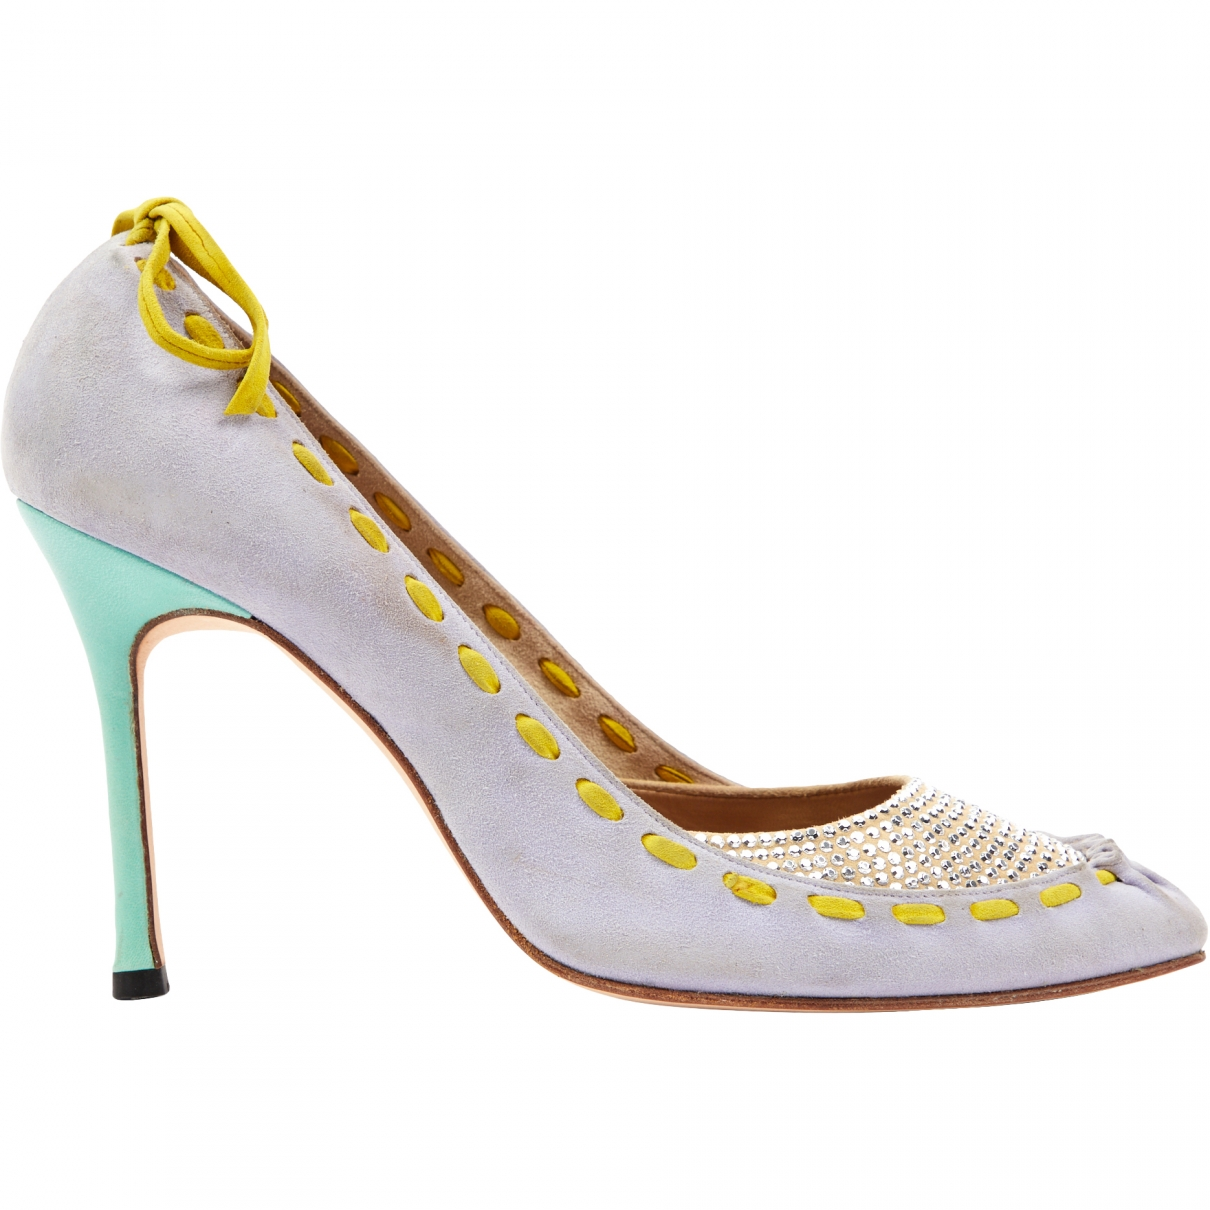 Gianni Versace \N Blue Suede Heels for Women 38 EU